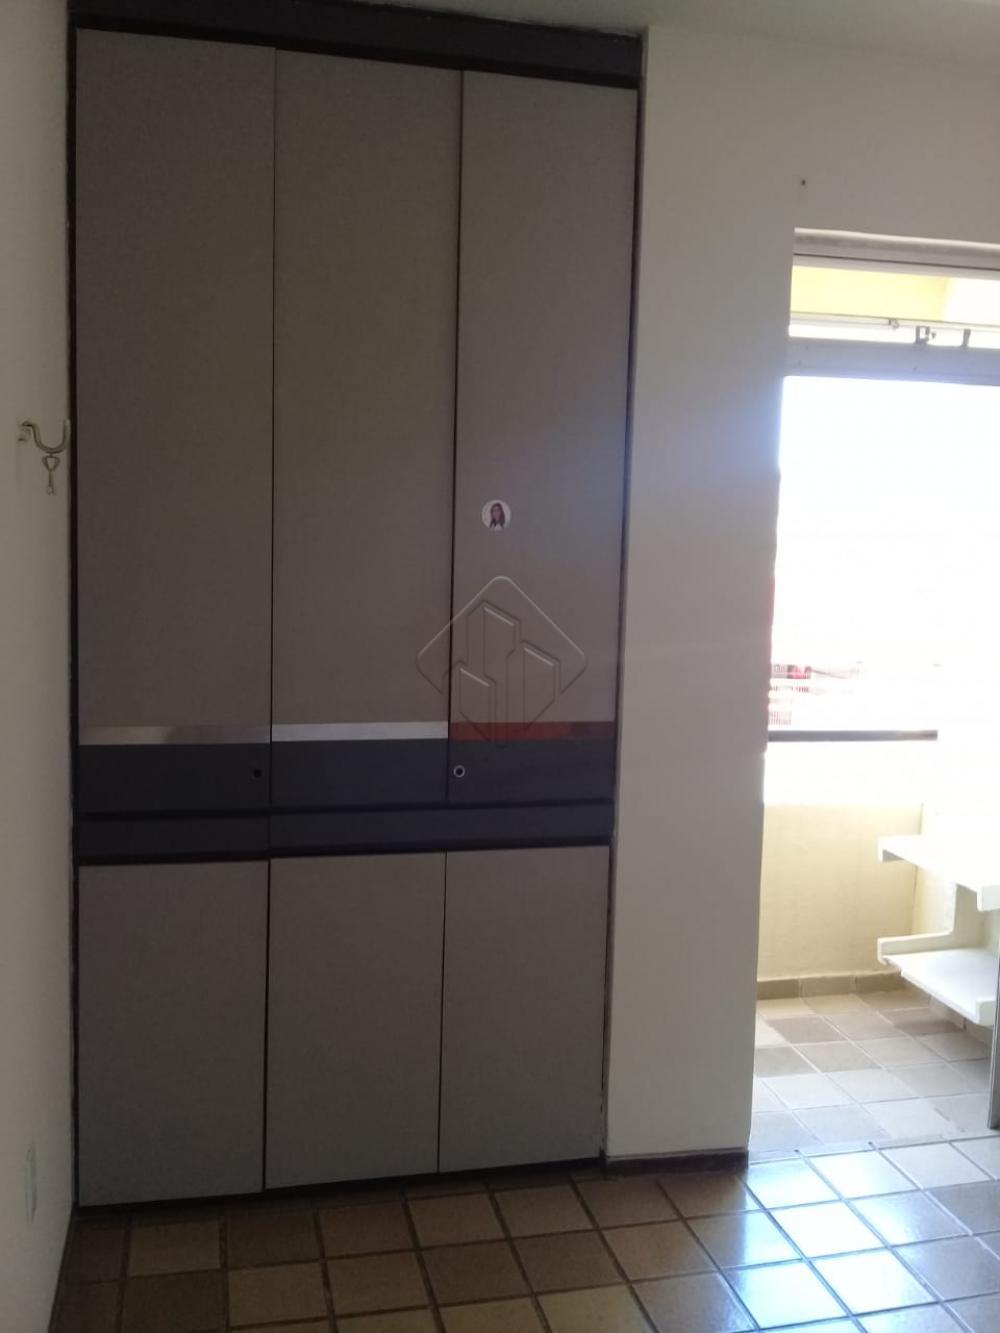 Comprar Apartamento / Padrão em João Pessoa apenas R$ 300.000,00 - Foto 23